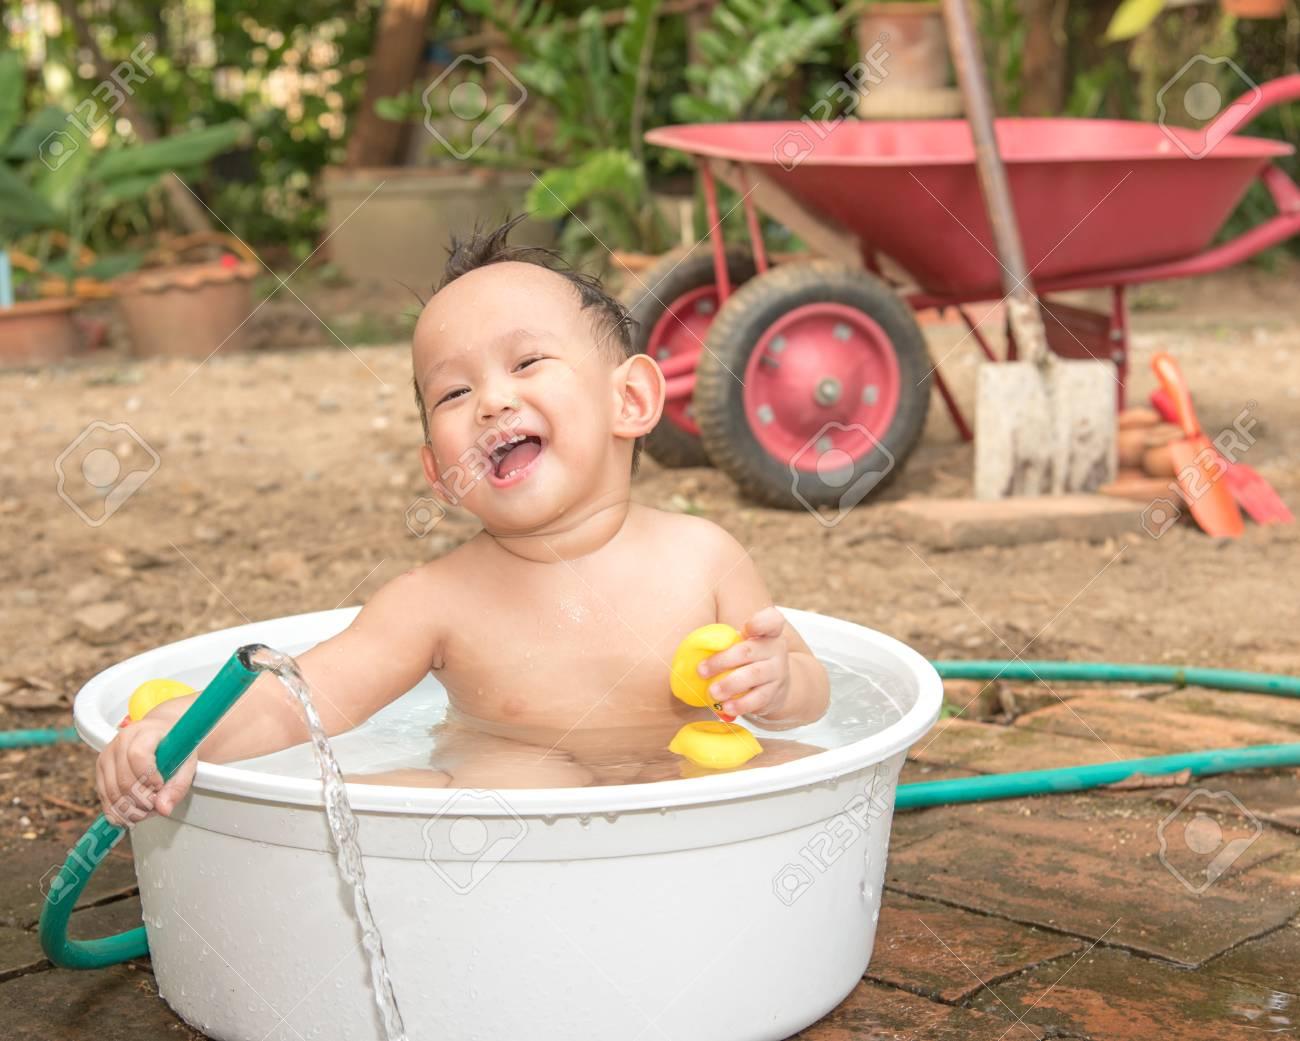 Vasca Da Bagno Neonati : Neonato asiatico bagno esterno nella vasca da bagno bianco. egli è